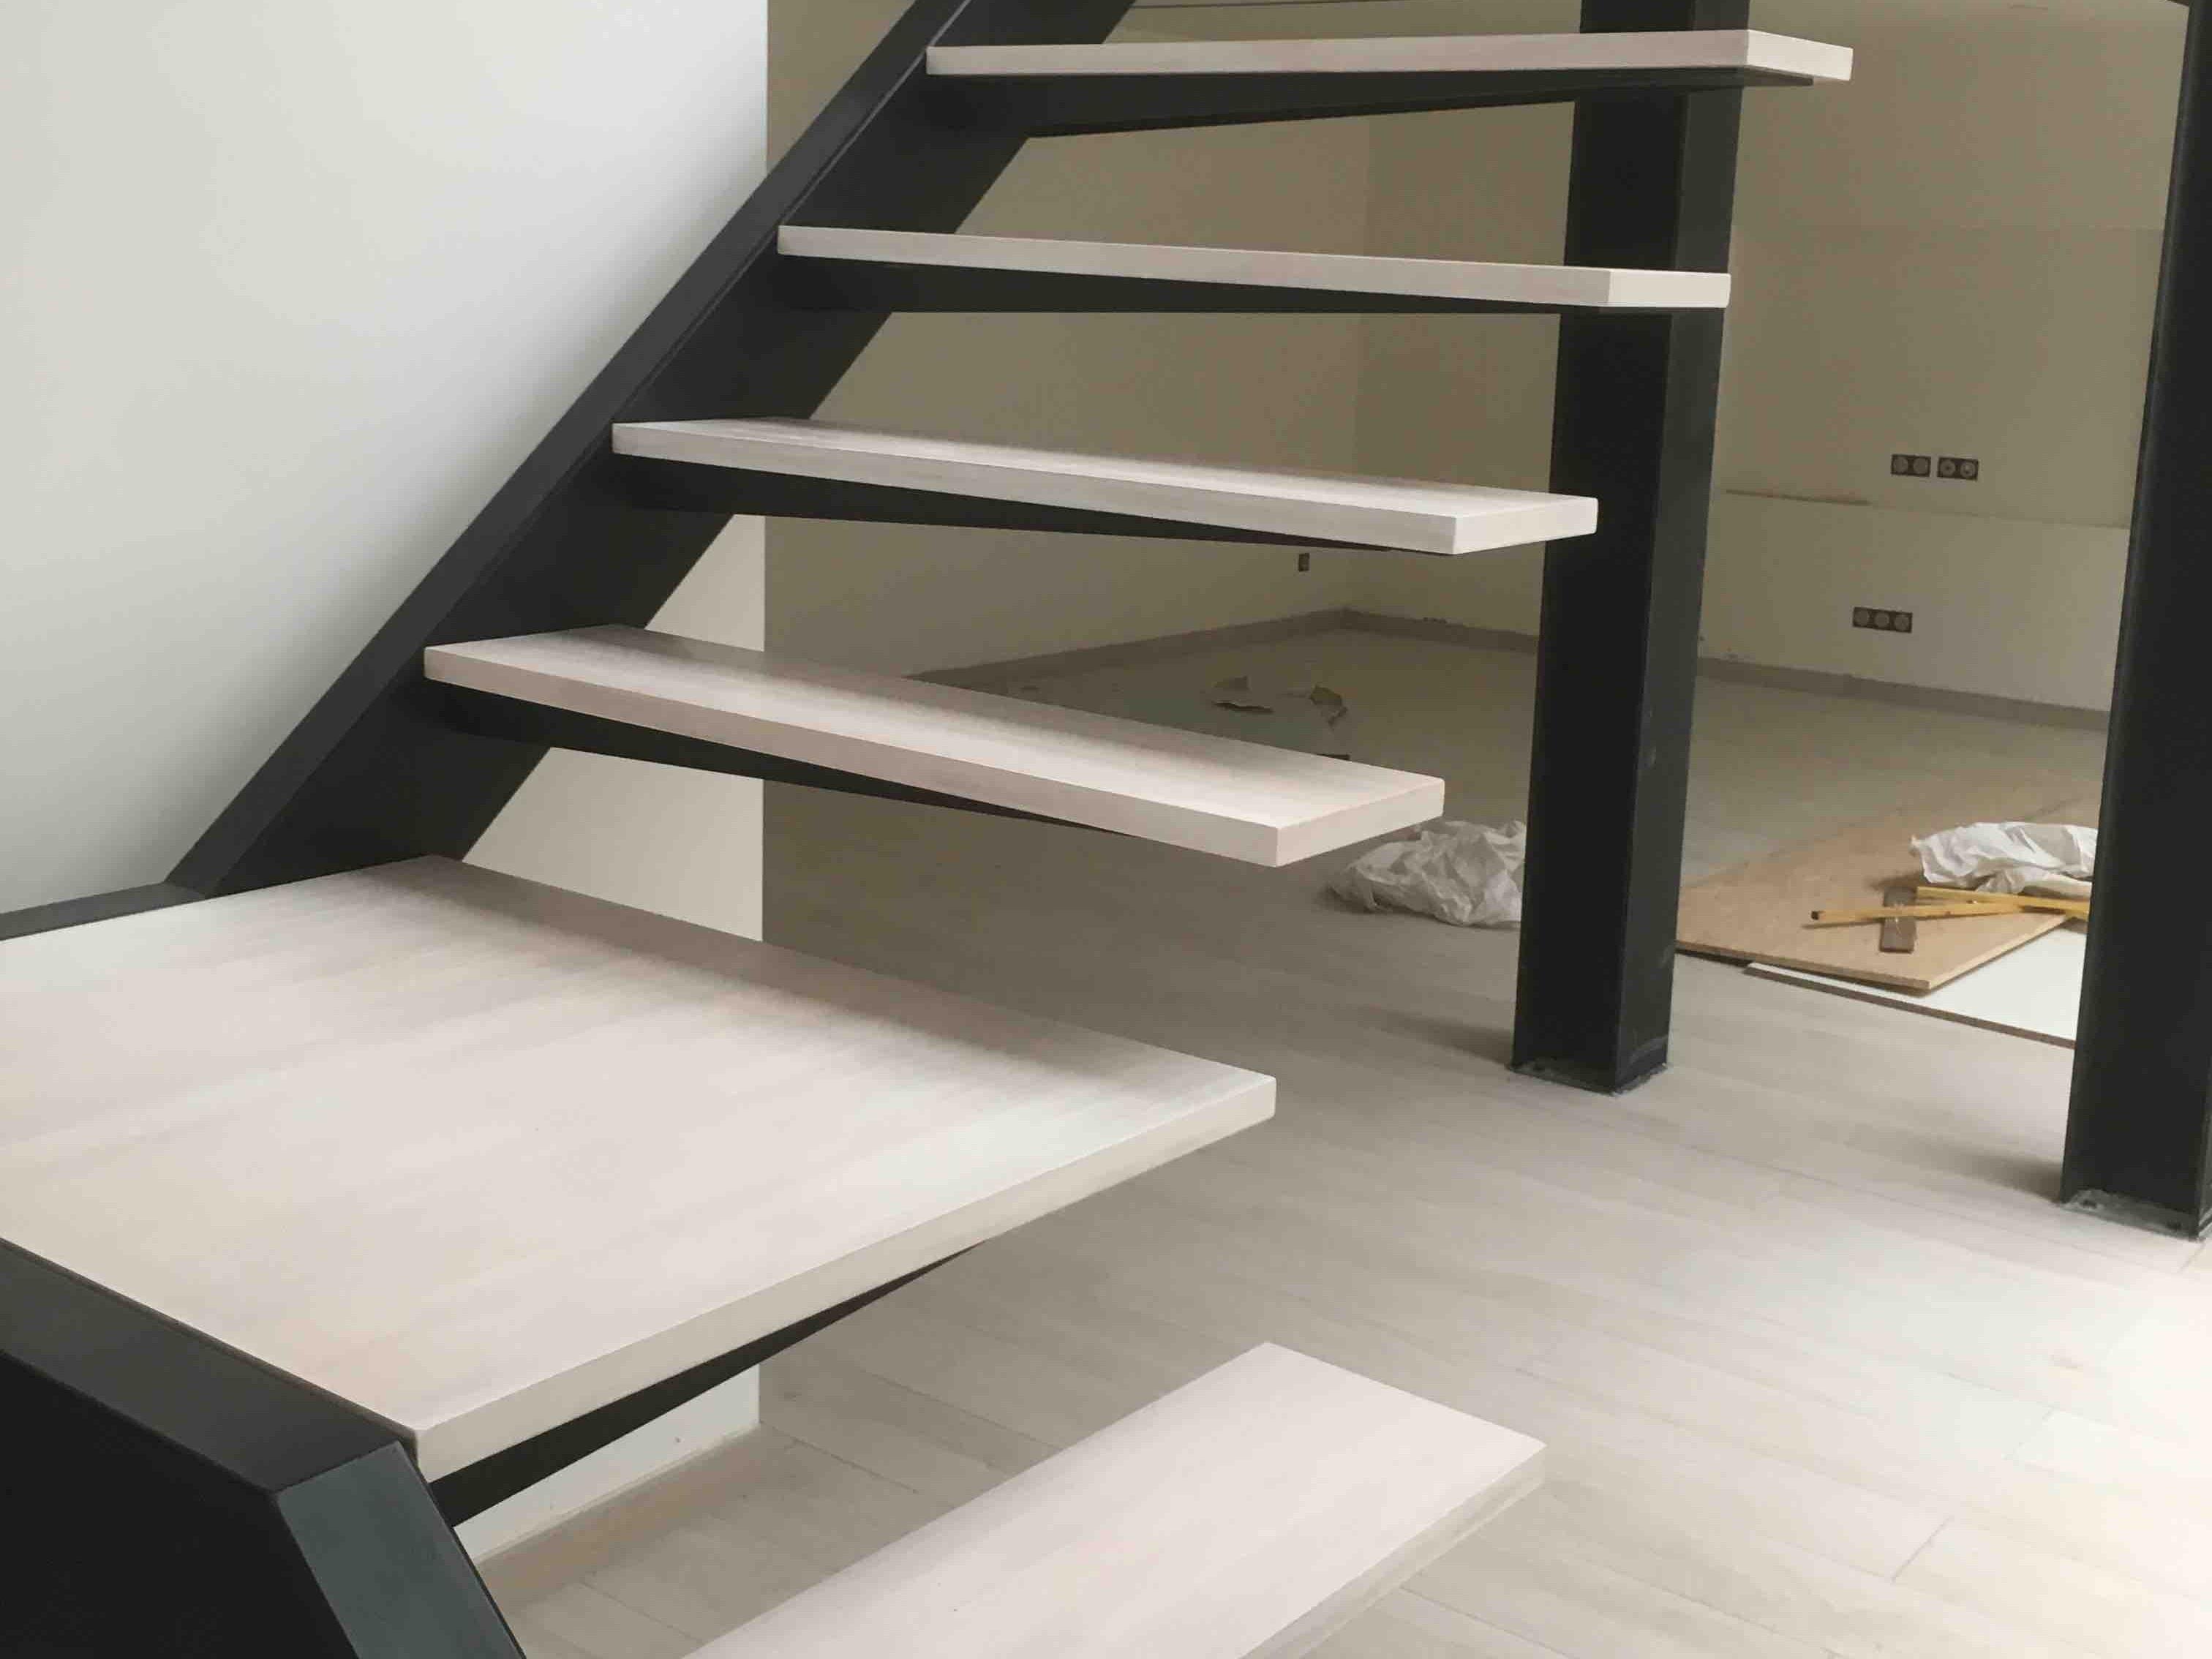 Fabricant D Escalier Bois réalisation escalier sur mesure - tony martin (fabricant